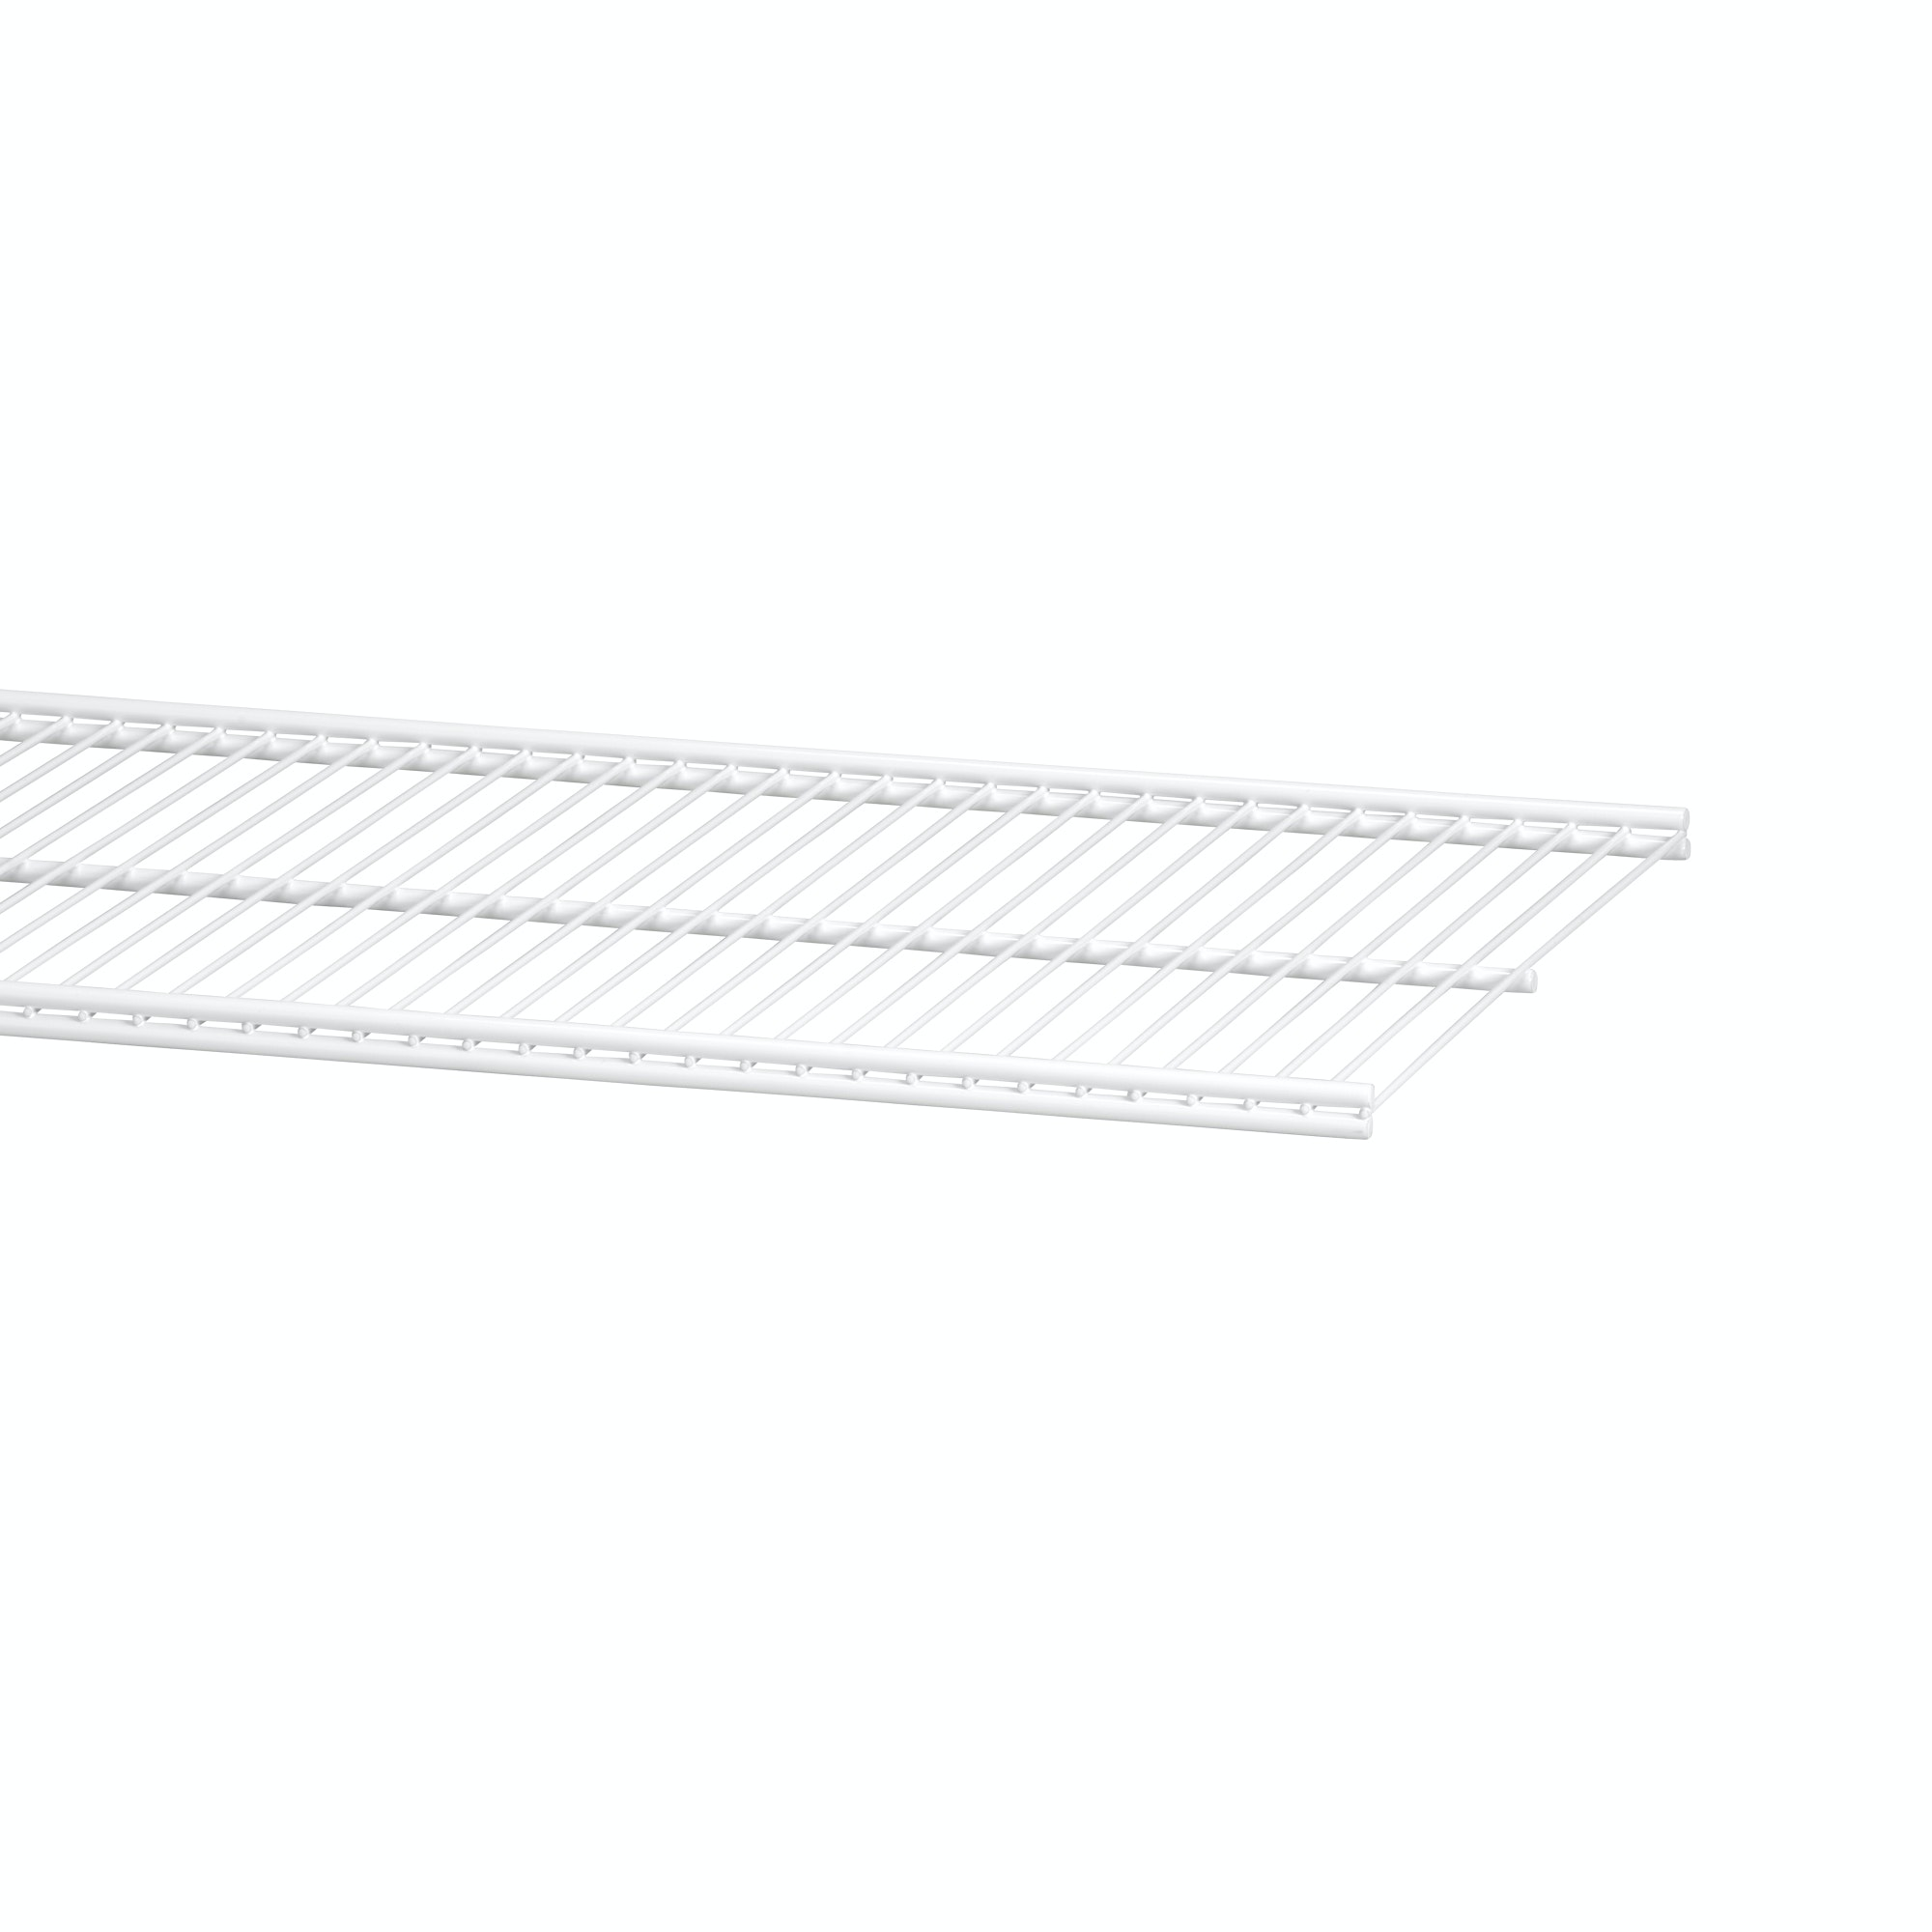 Trådhylla Elfa 607X305mm vit450210